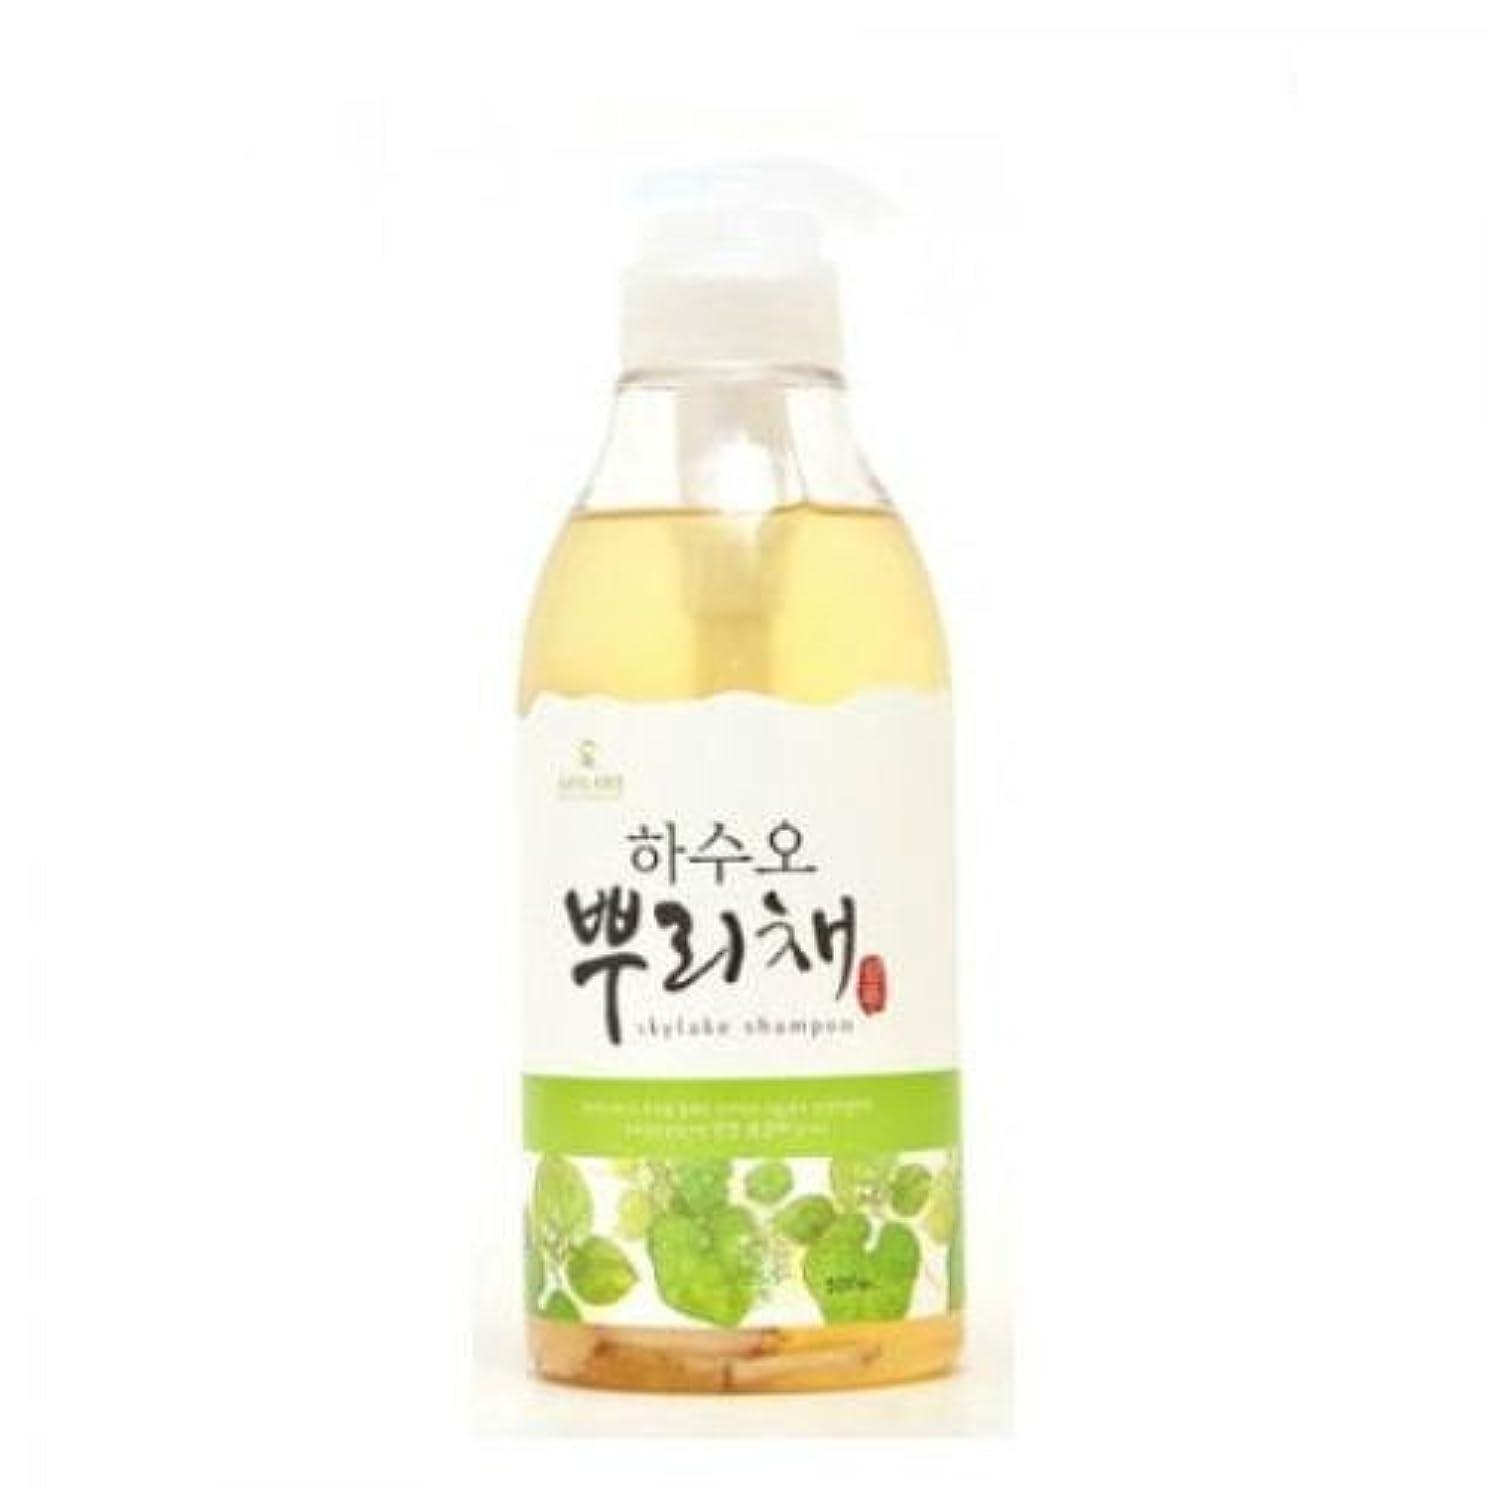 はげ広範囲にひねくれたSkylake Oriental Herb Cool Shampoo (Korean original)